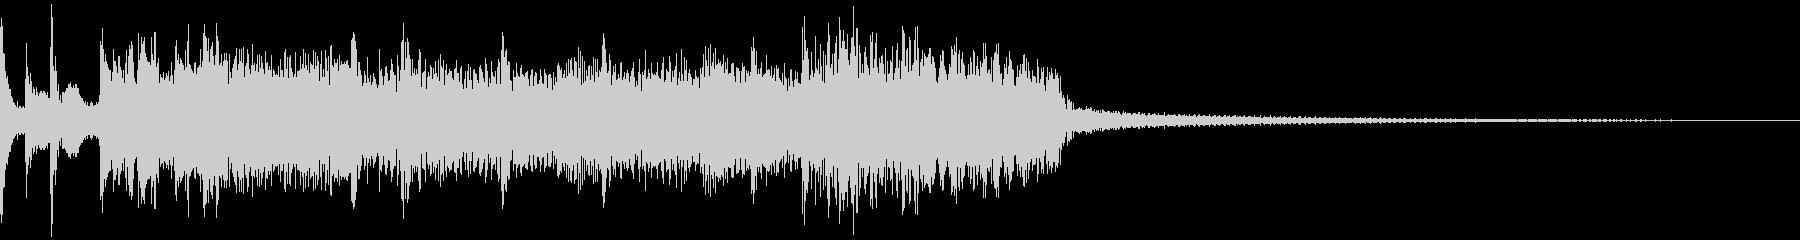 ハードロックなサウンドロゴの未再生の波形